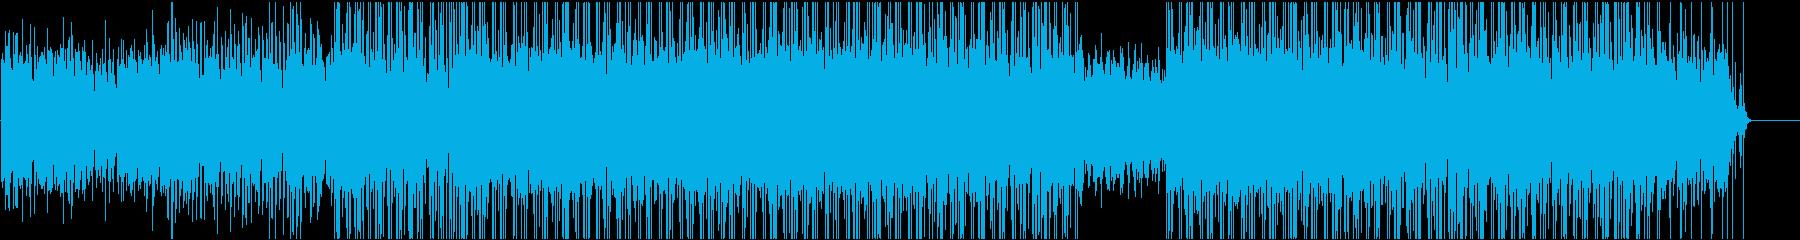 映像BGMアクティブだけど静かで心地よいの再生済みの波形